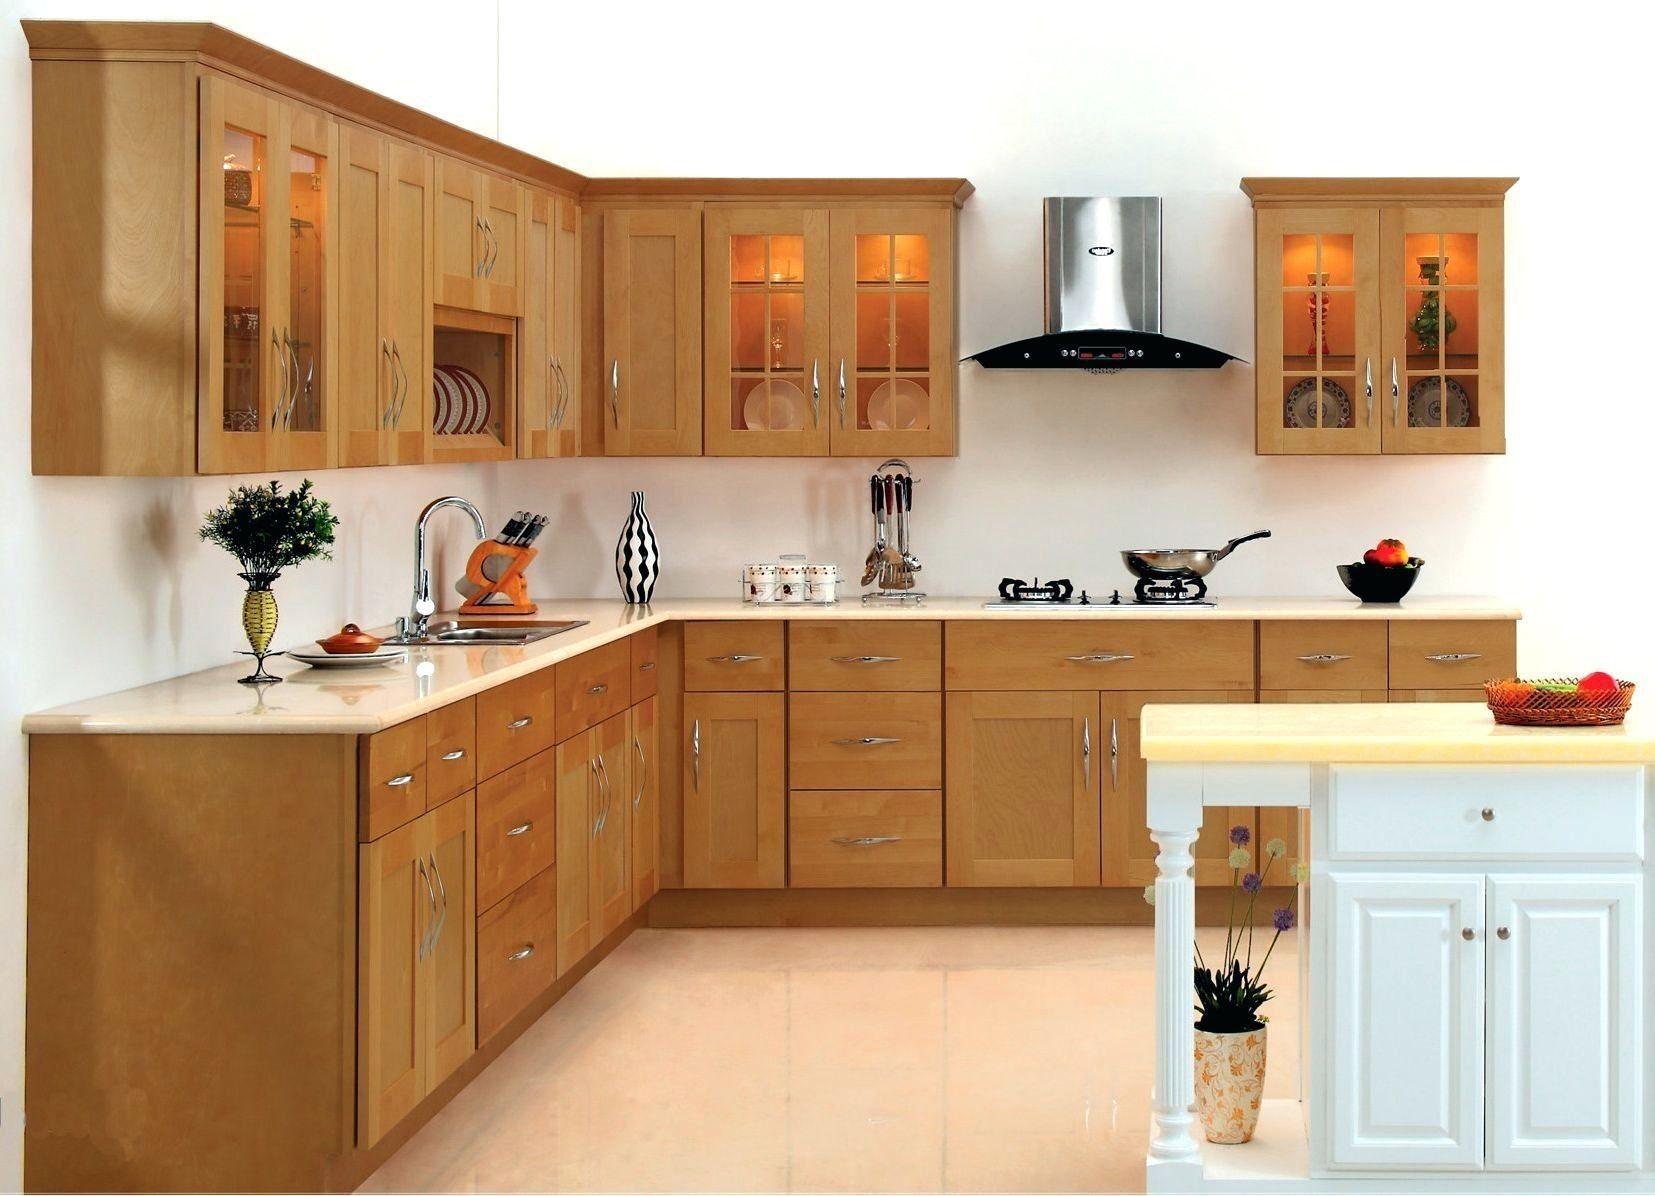 Küchen-designmöbel nickel küche kabinett hardware  cabinet hardware mit einem modernen